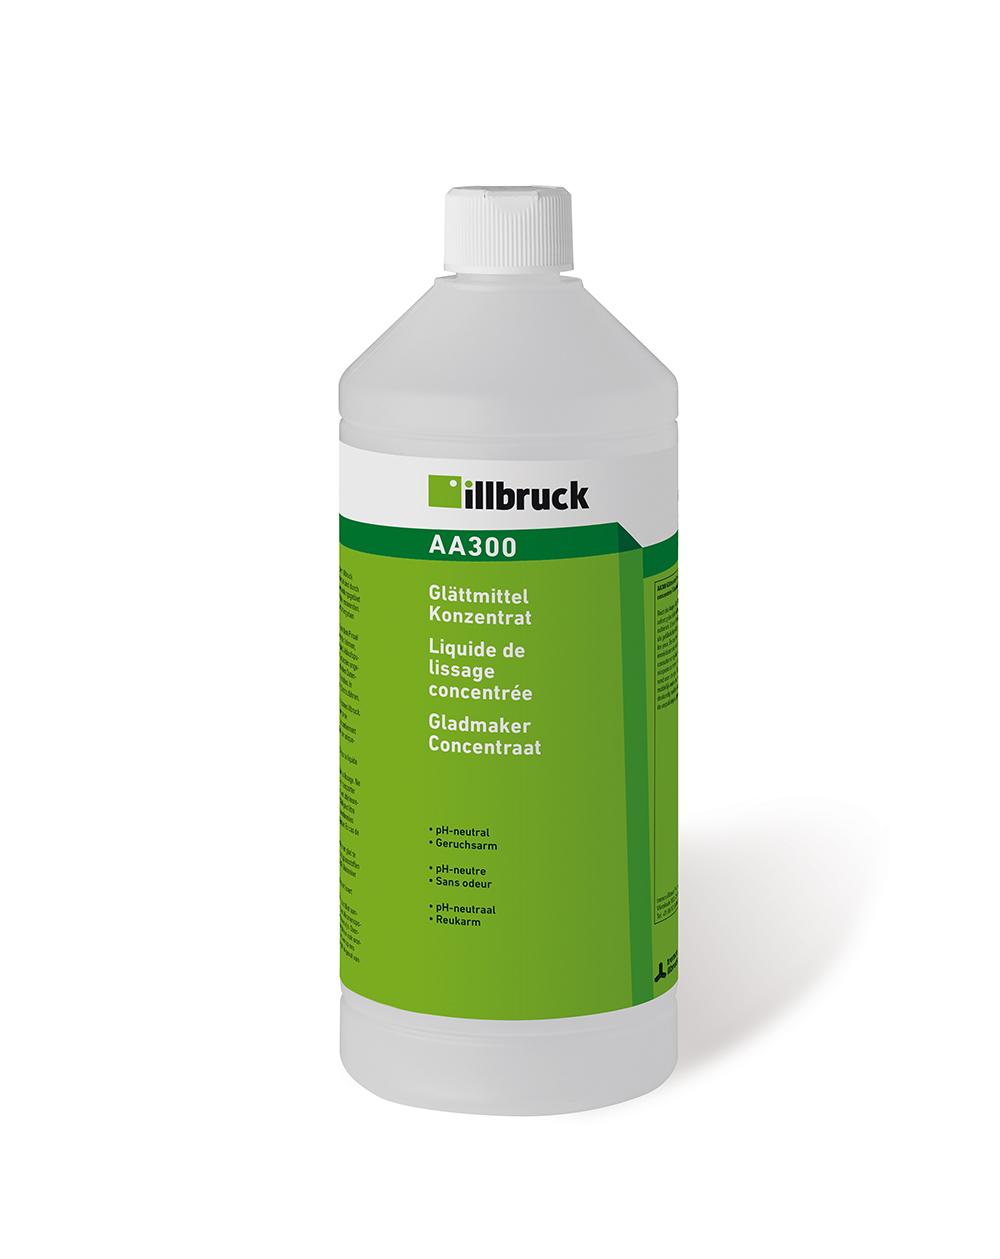 Illbruck AA300 Glättmittel Konzentrat 1:30 1000ml